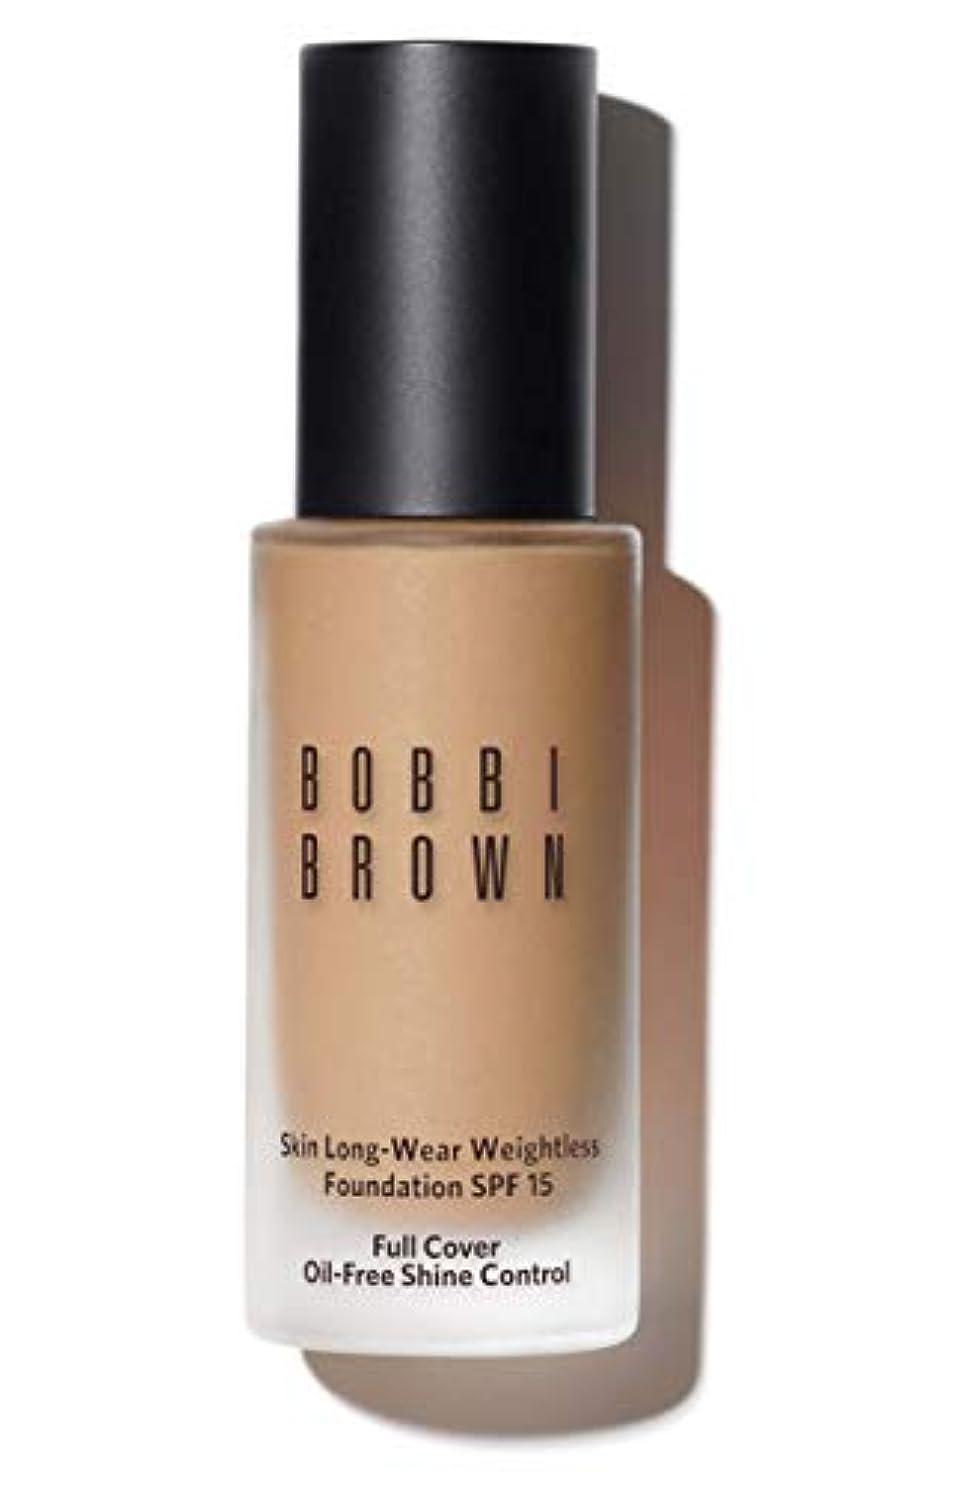 チャンバー貫入スタウトボビイ ブラウン Skin Long Wear Weightless Foundation SPF 15 - # Cool Sand 30ml/1oz並行輸入品